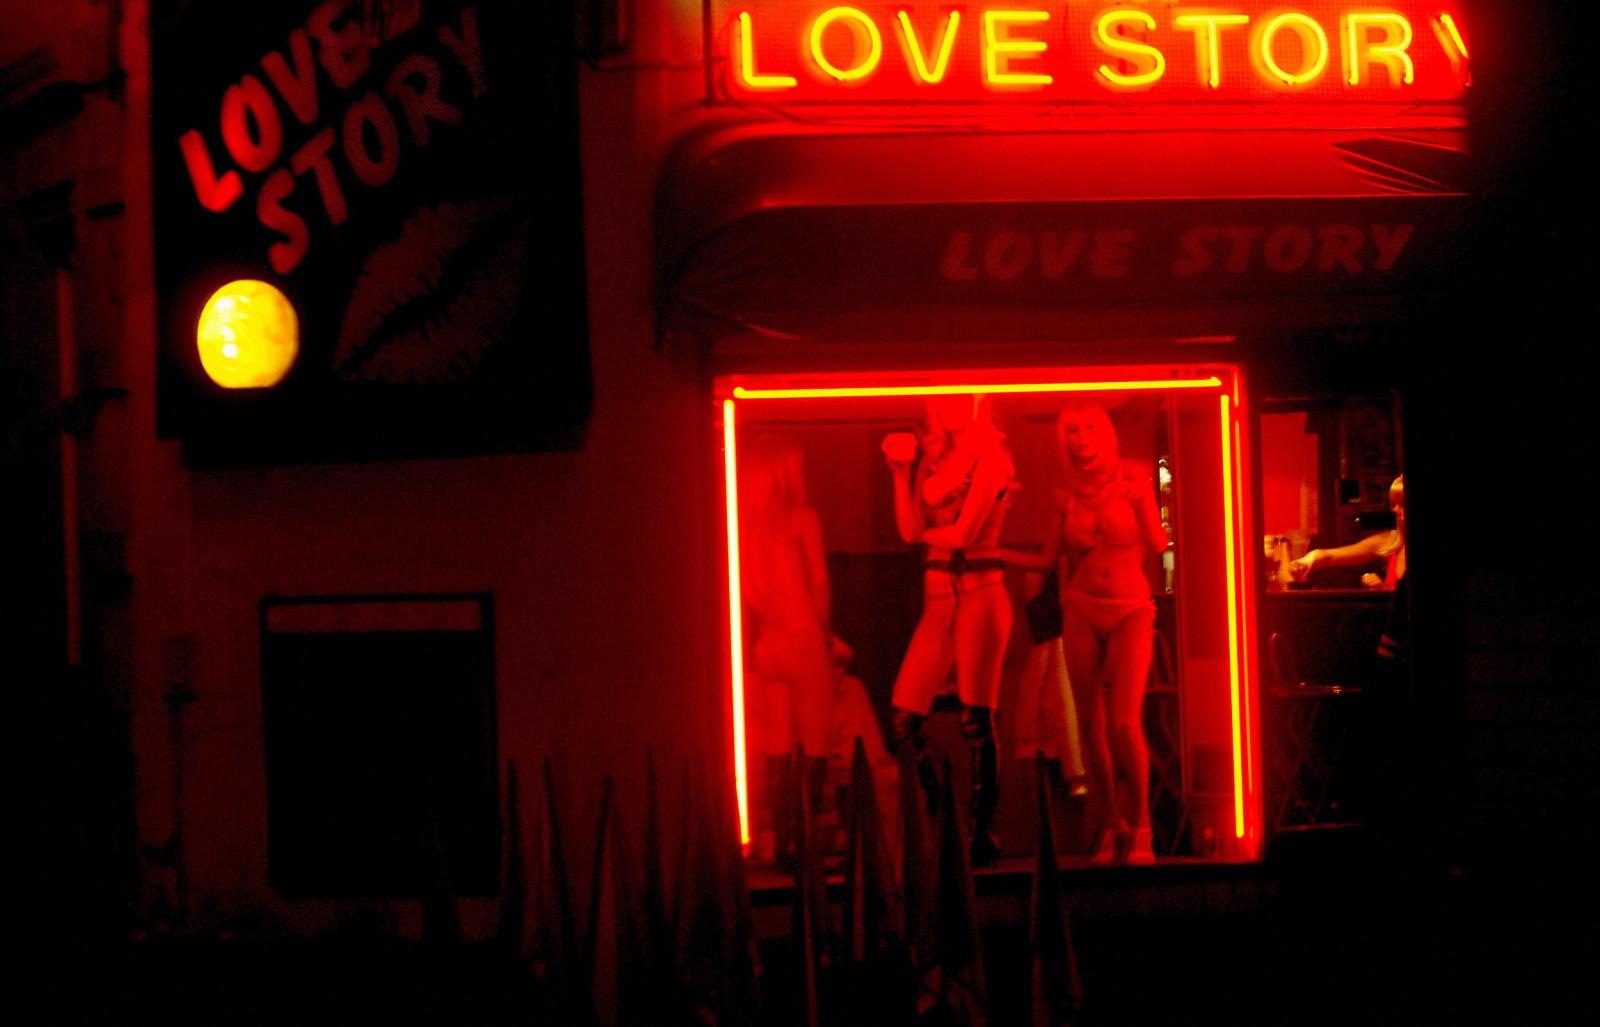 【異国性文化】オランダ「飾り窓」の売春婦が想像以上に秀逸でワロタwwwwwwwwwwwww(画像あり)・21枚目